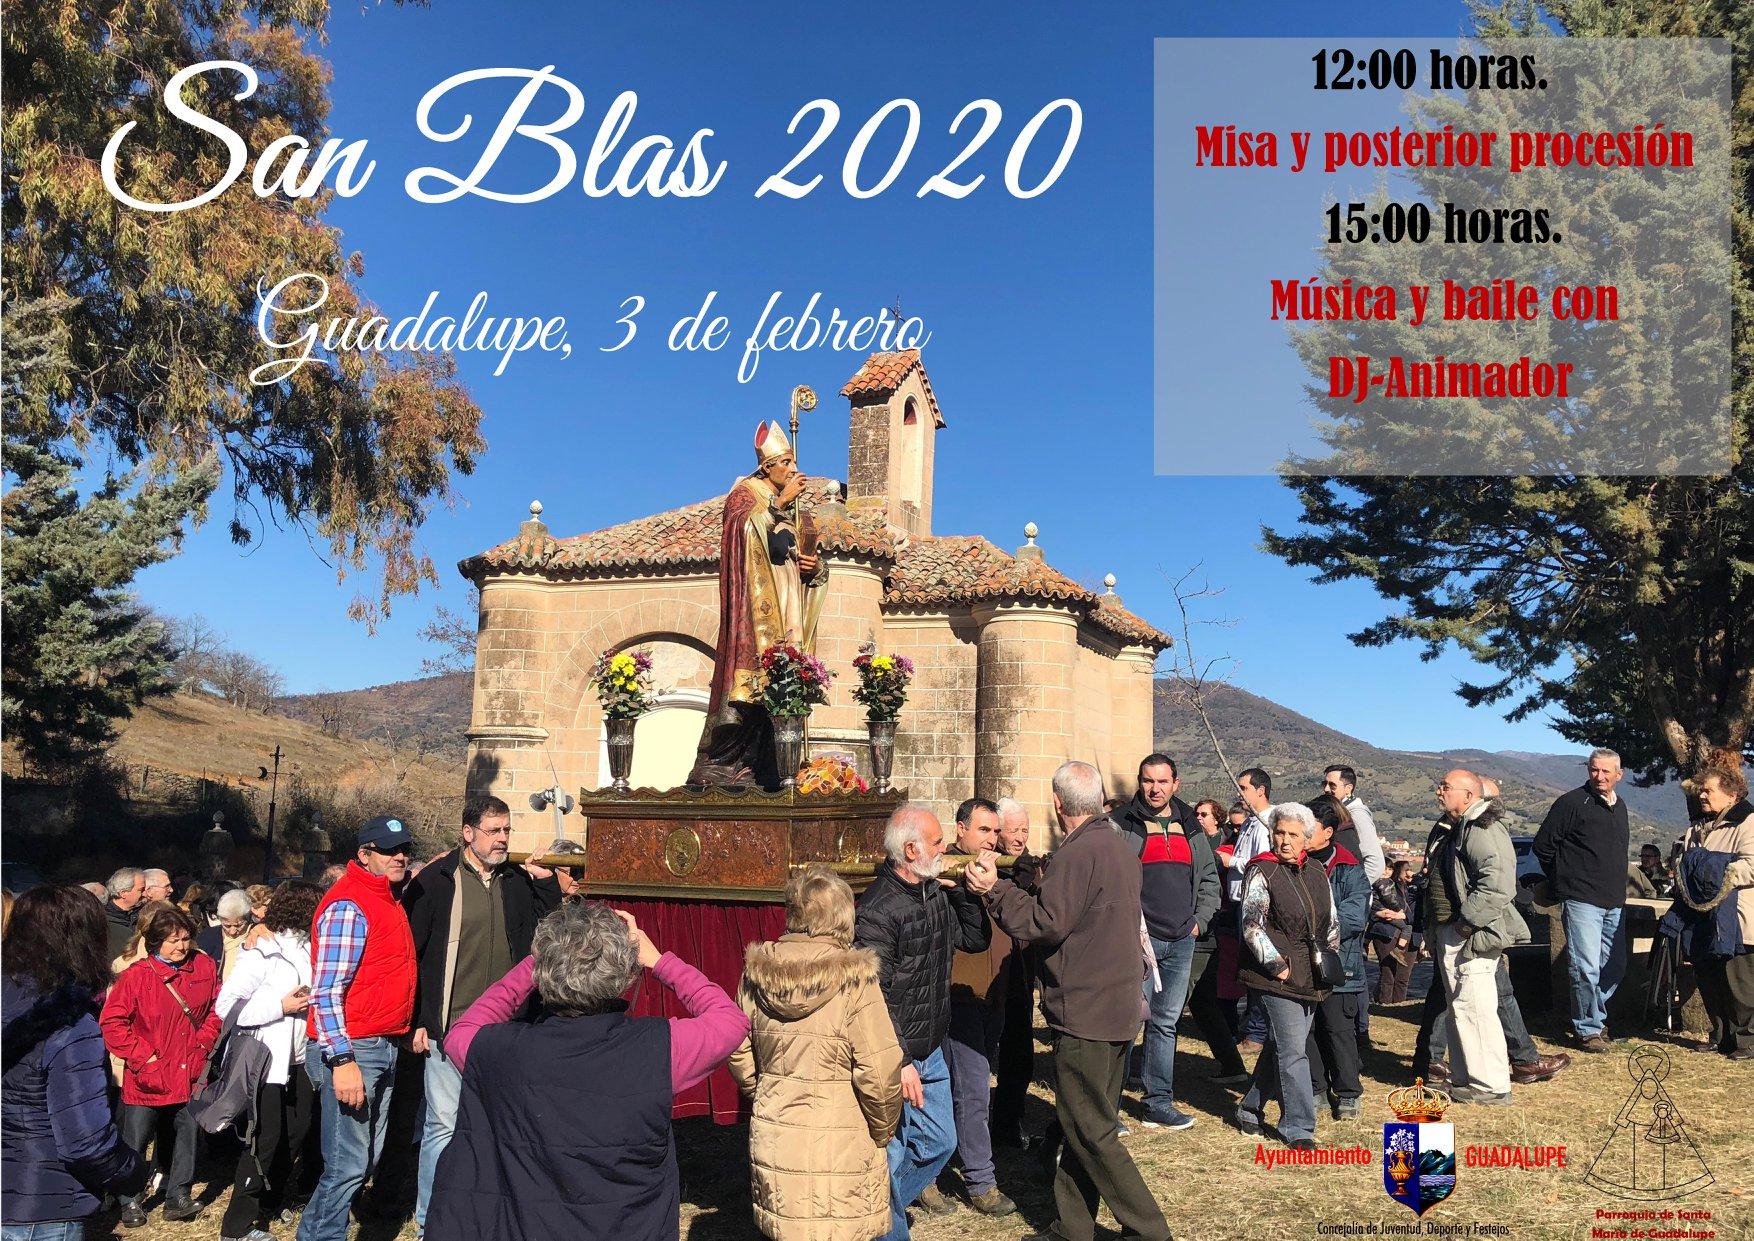 San Blas 2020 - Guadalupe (Cáceres)